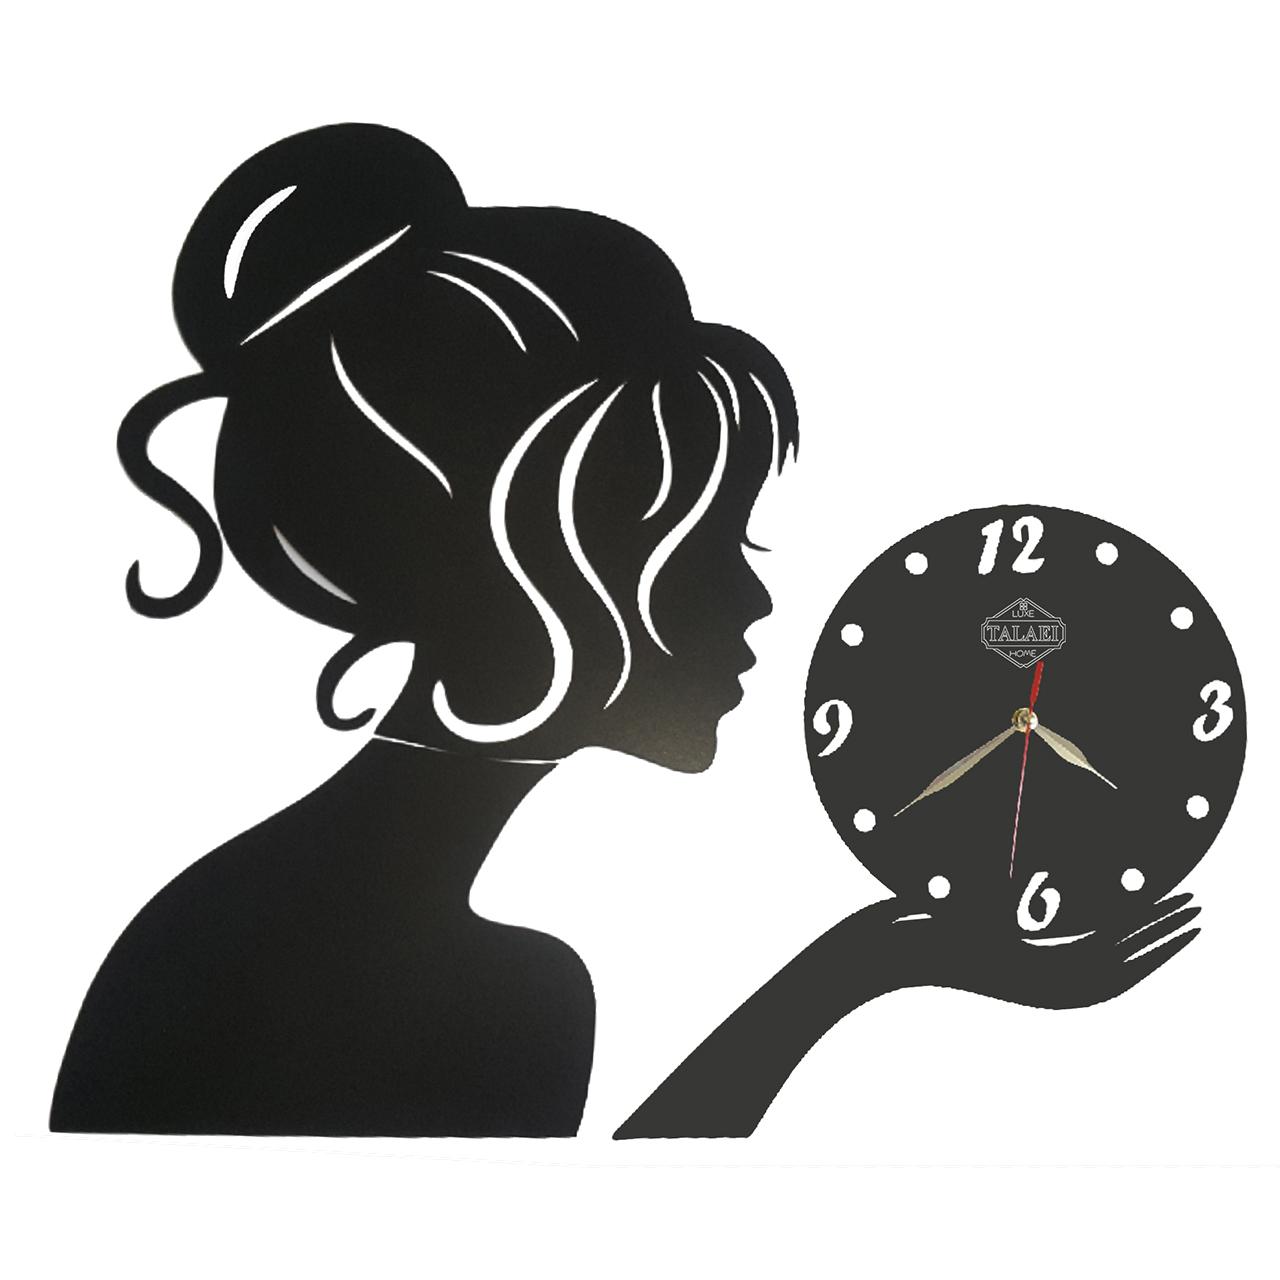 ساعت دیواری لوکس طلائی مدل دخترونه 01Large